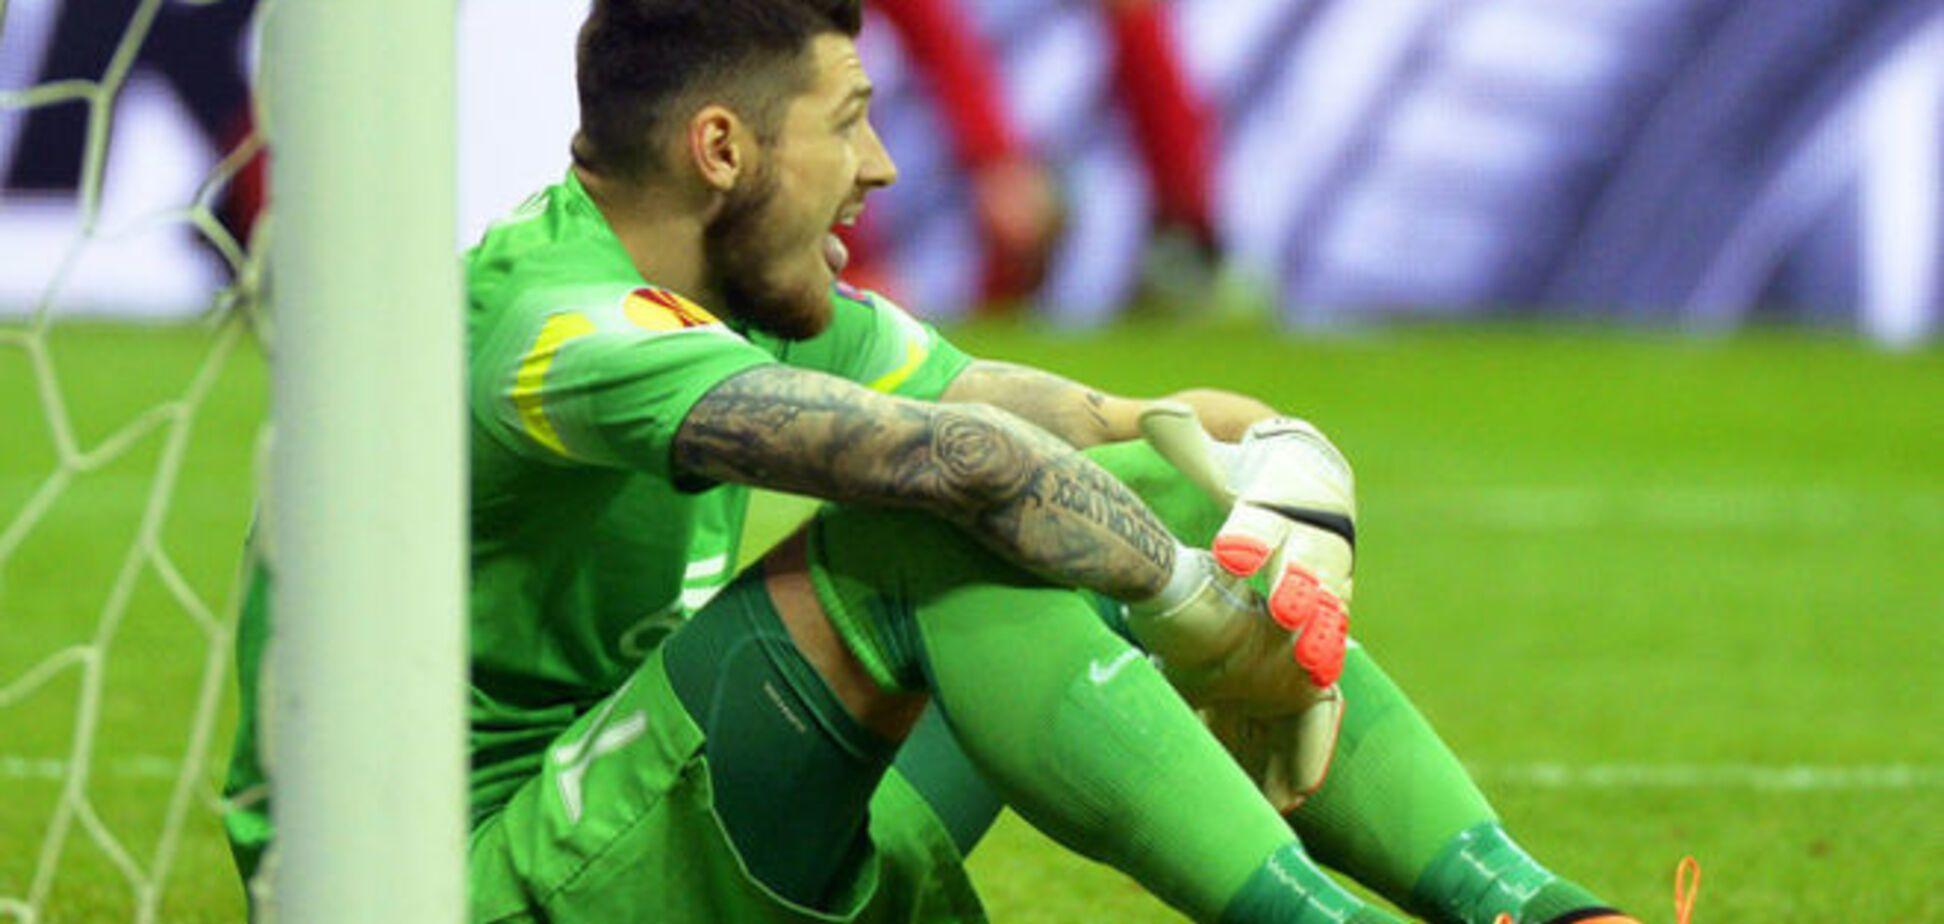 Герой 'Днепра' не стал оправдываться за поражение в финале Лиги Европы